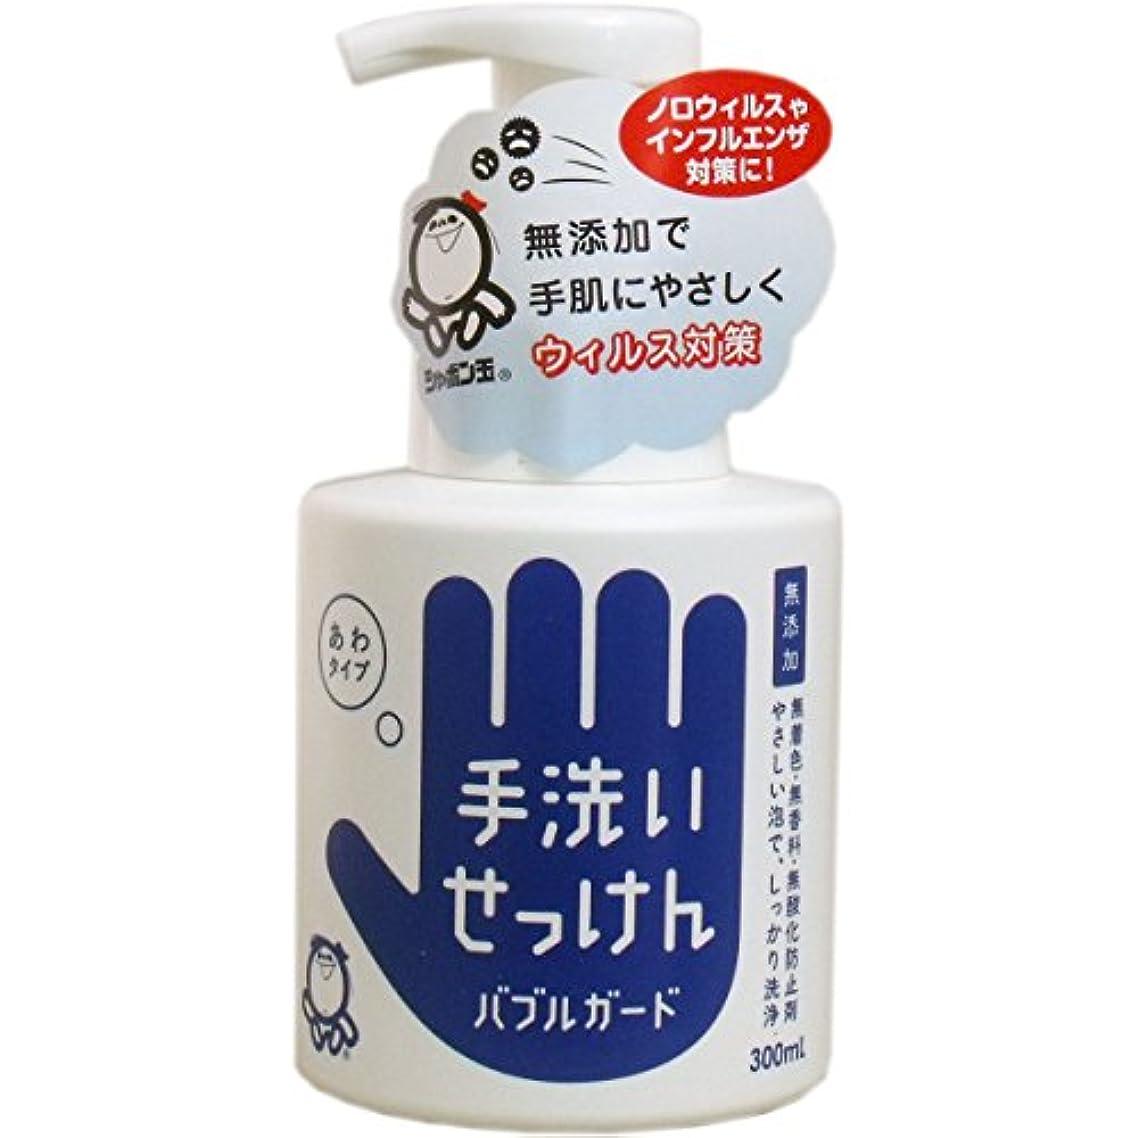 タブレット怠な保存シャボン玉石けん 手洗いせっけん バブルガード 本体 300ml 1本